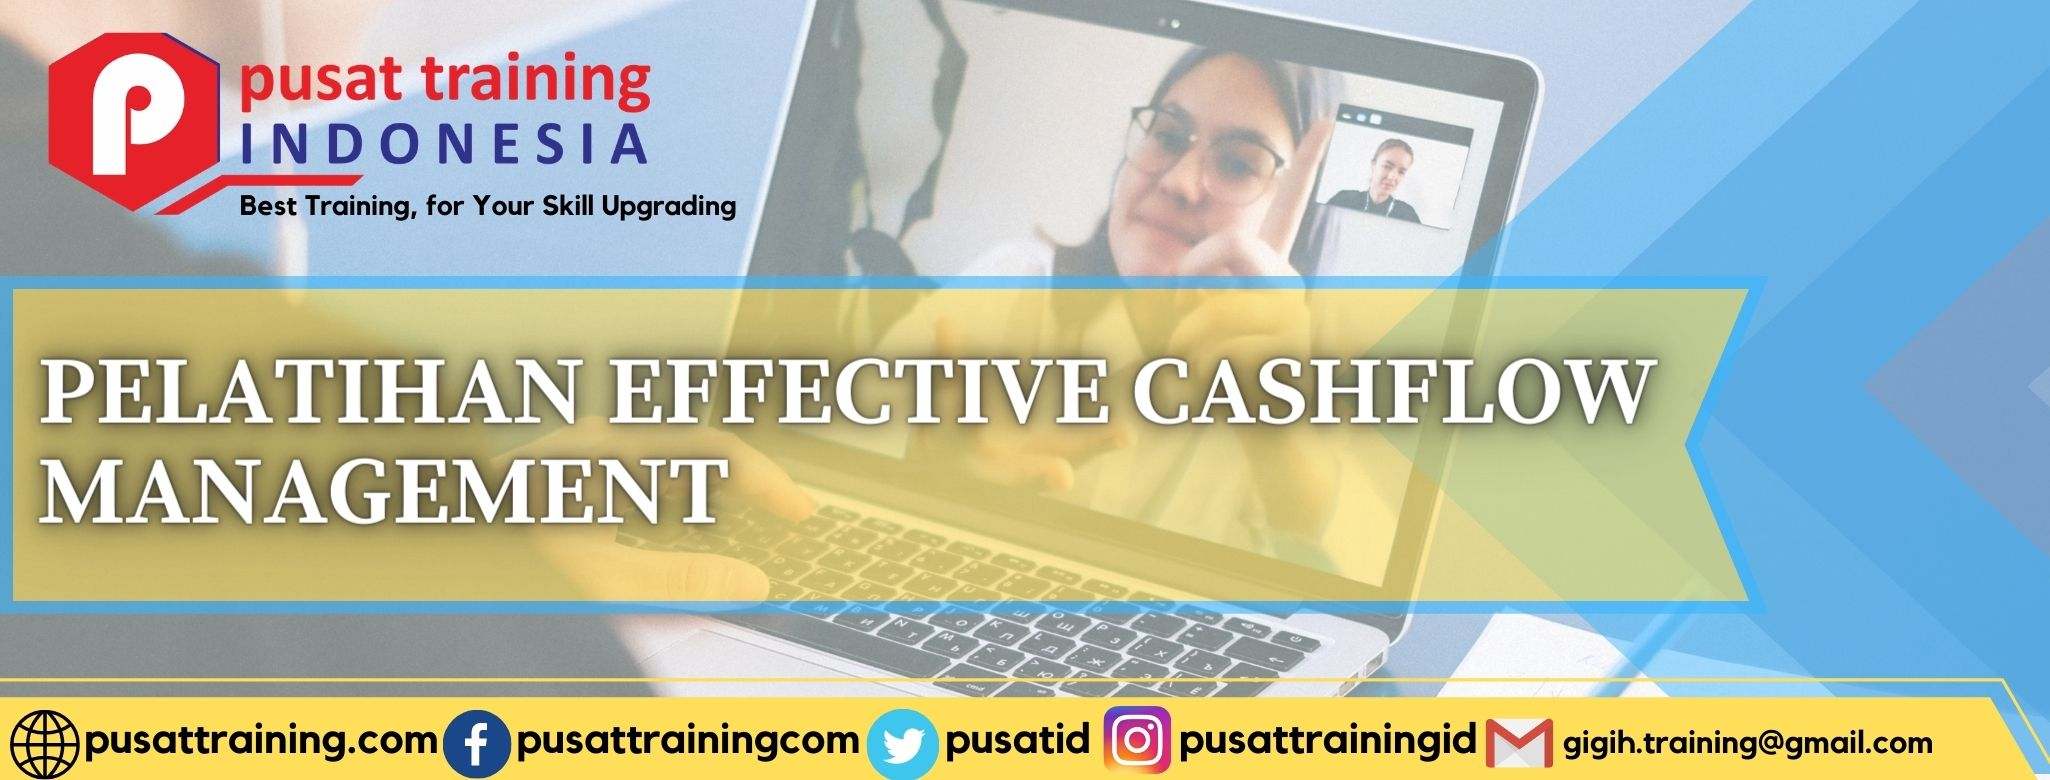 pelatihan-effective-cashflow-management